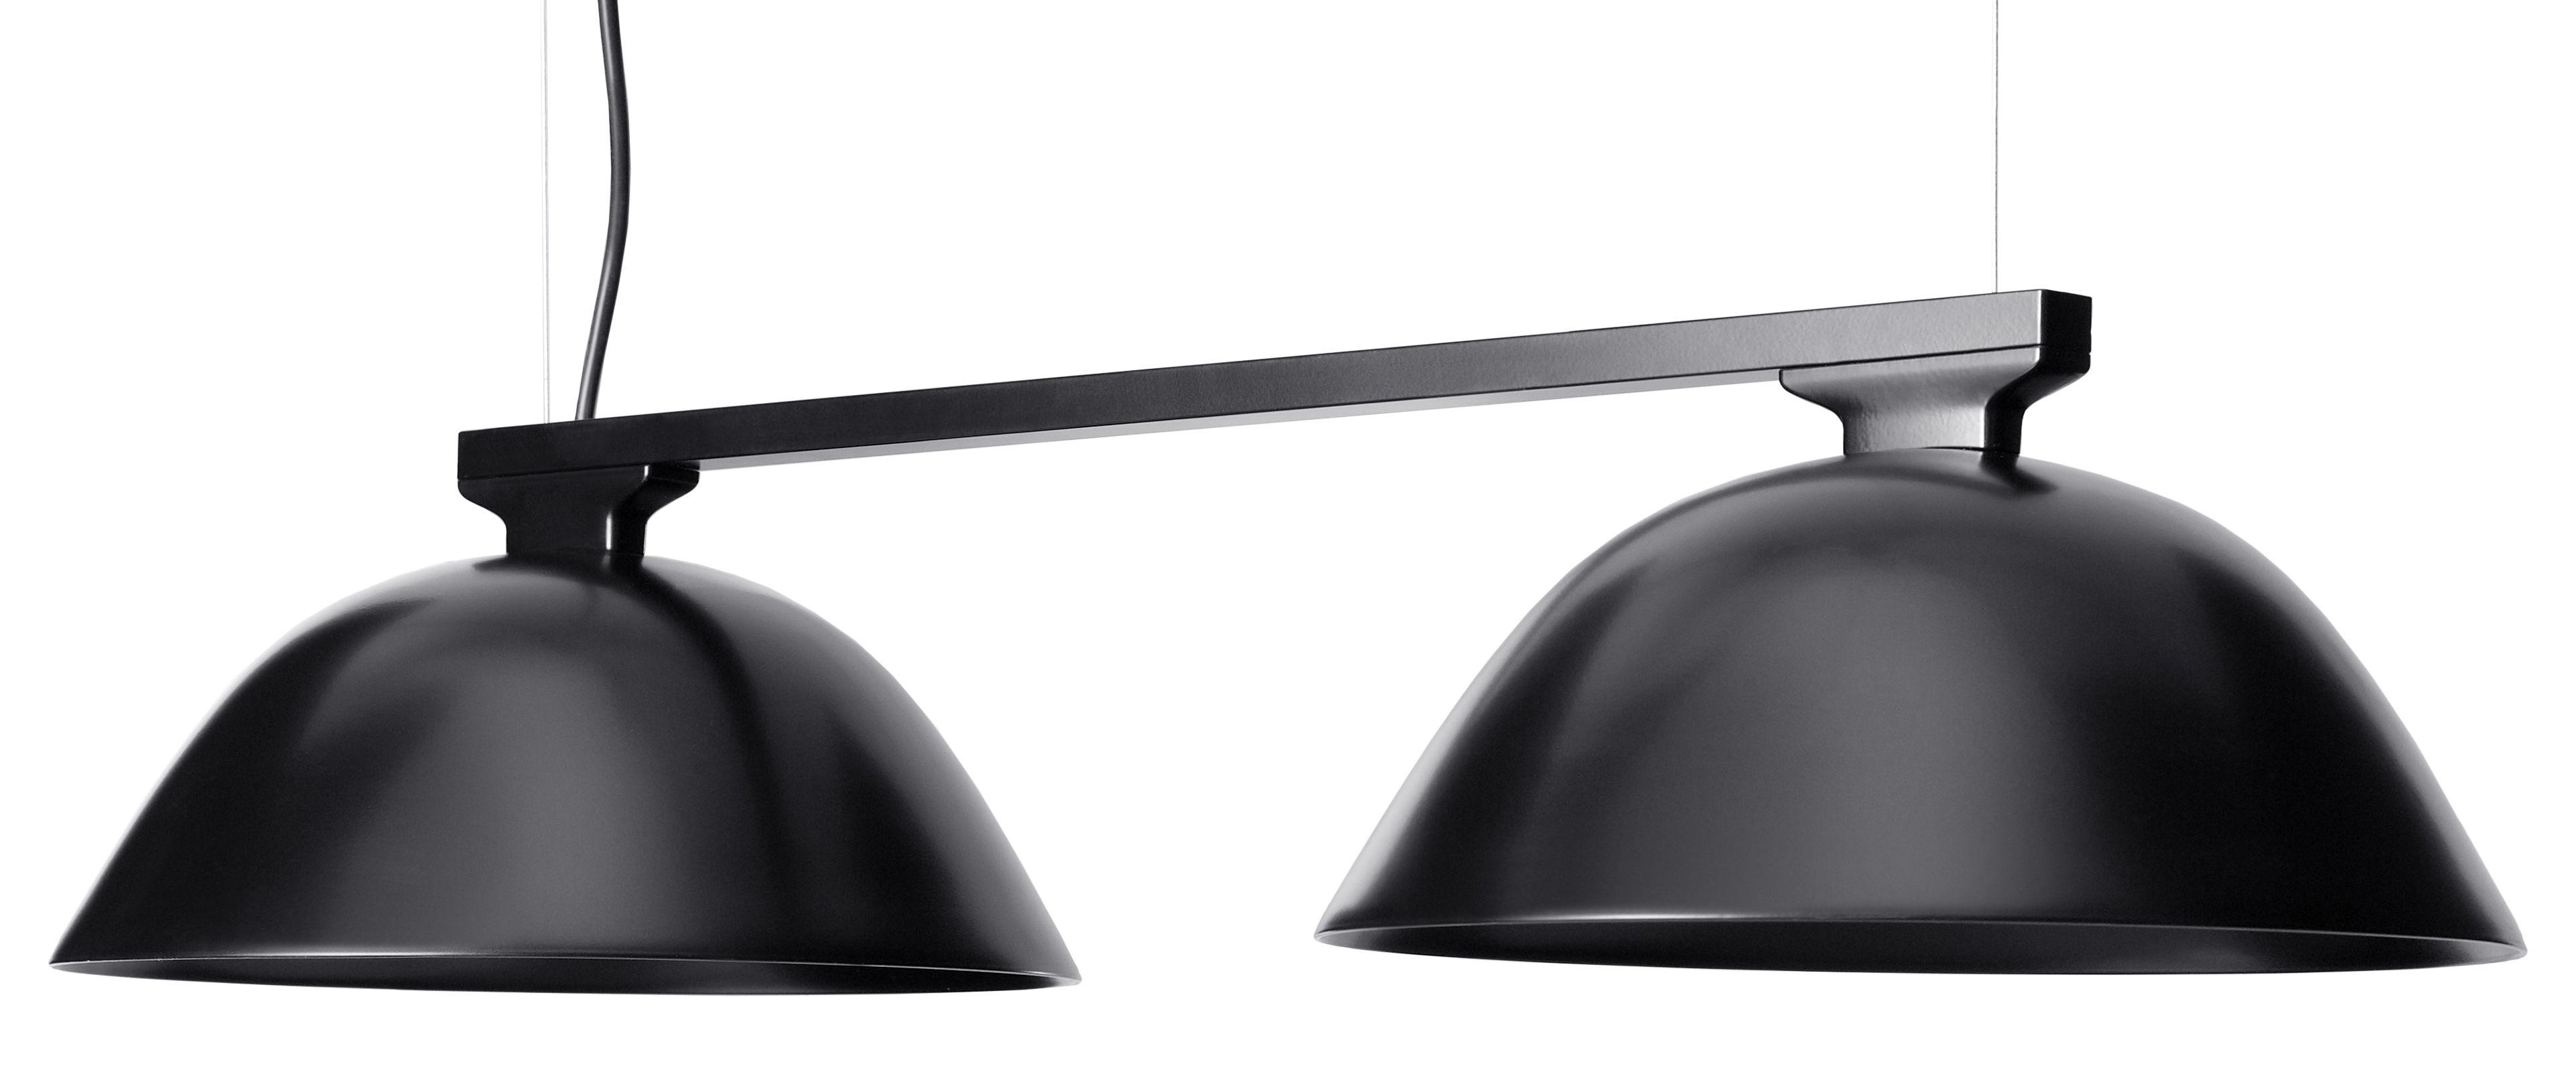 Luminaire - Suspensions - Suspension Sempé w103s2 double / LED - L 73 cm - Wästberg - Noir - Acier, Aluminium